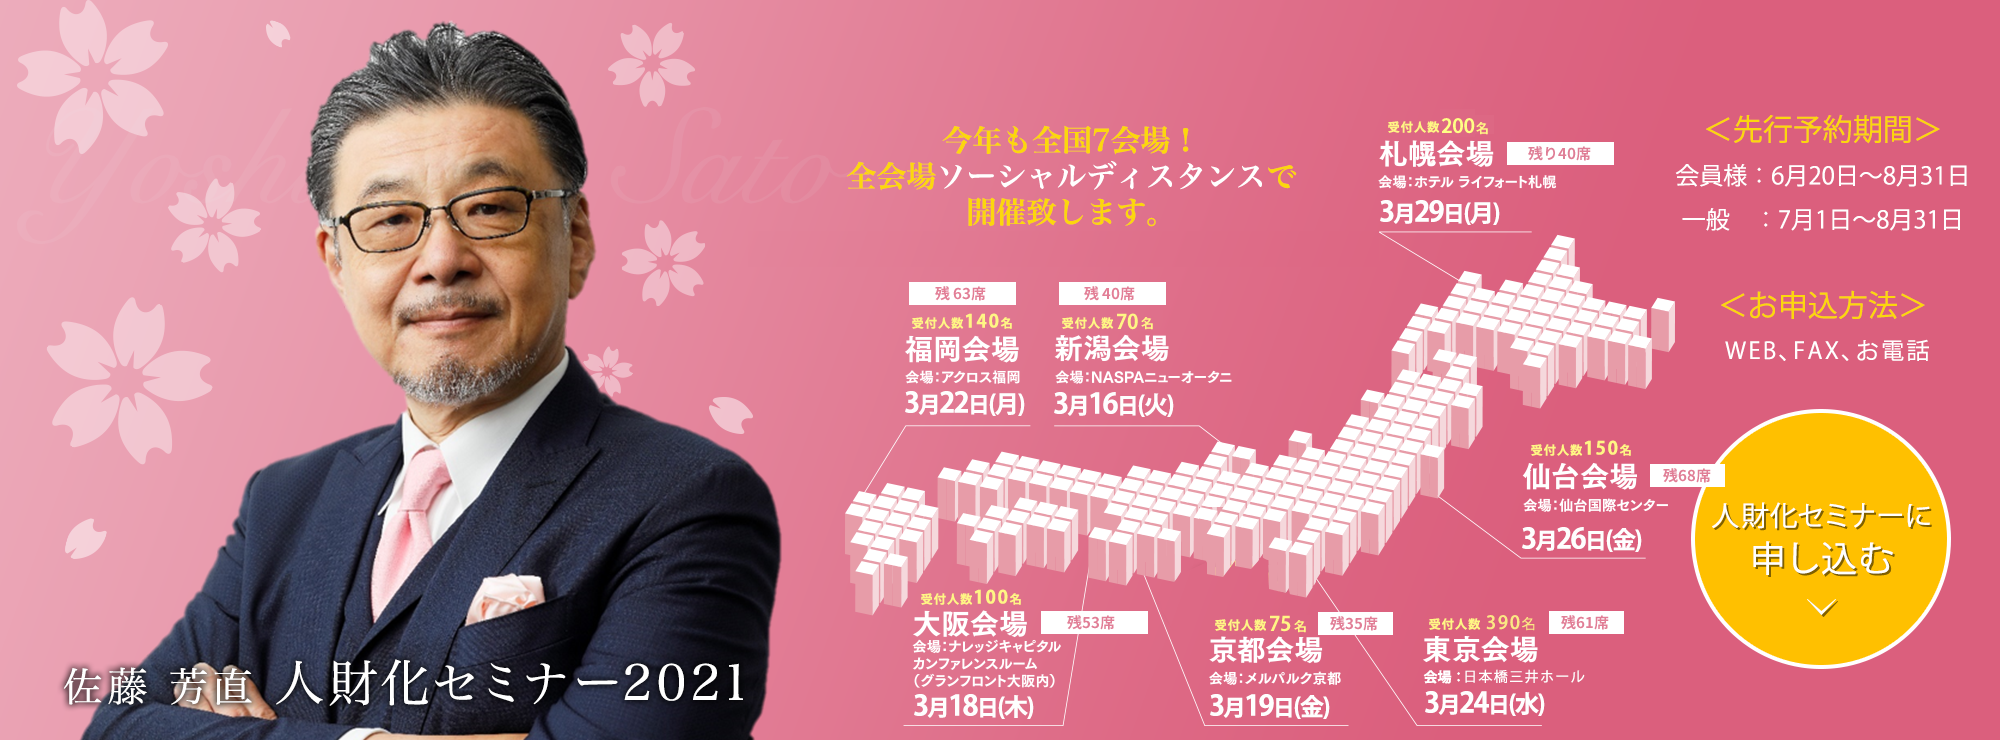 佐藤芳直 人財化セミナー2021